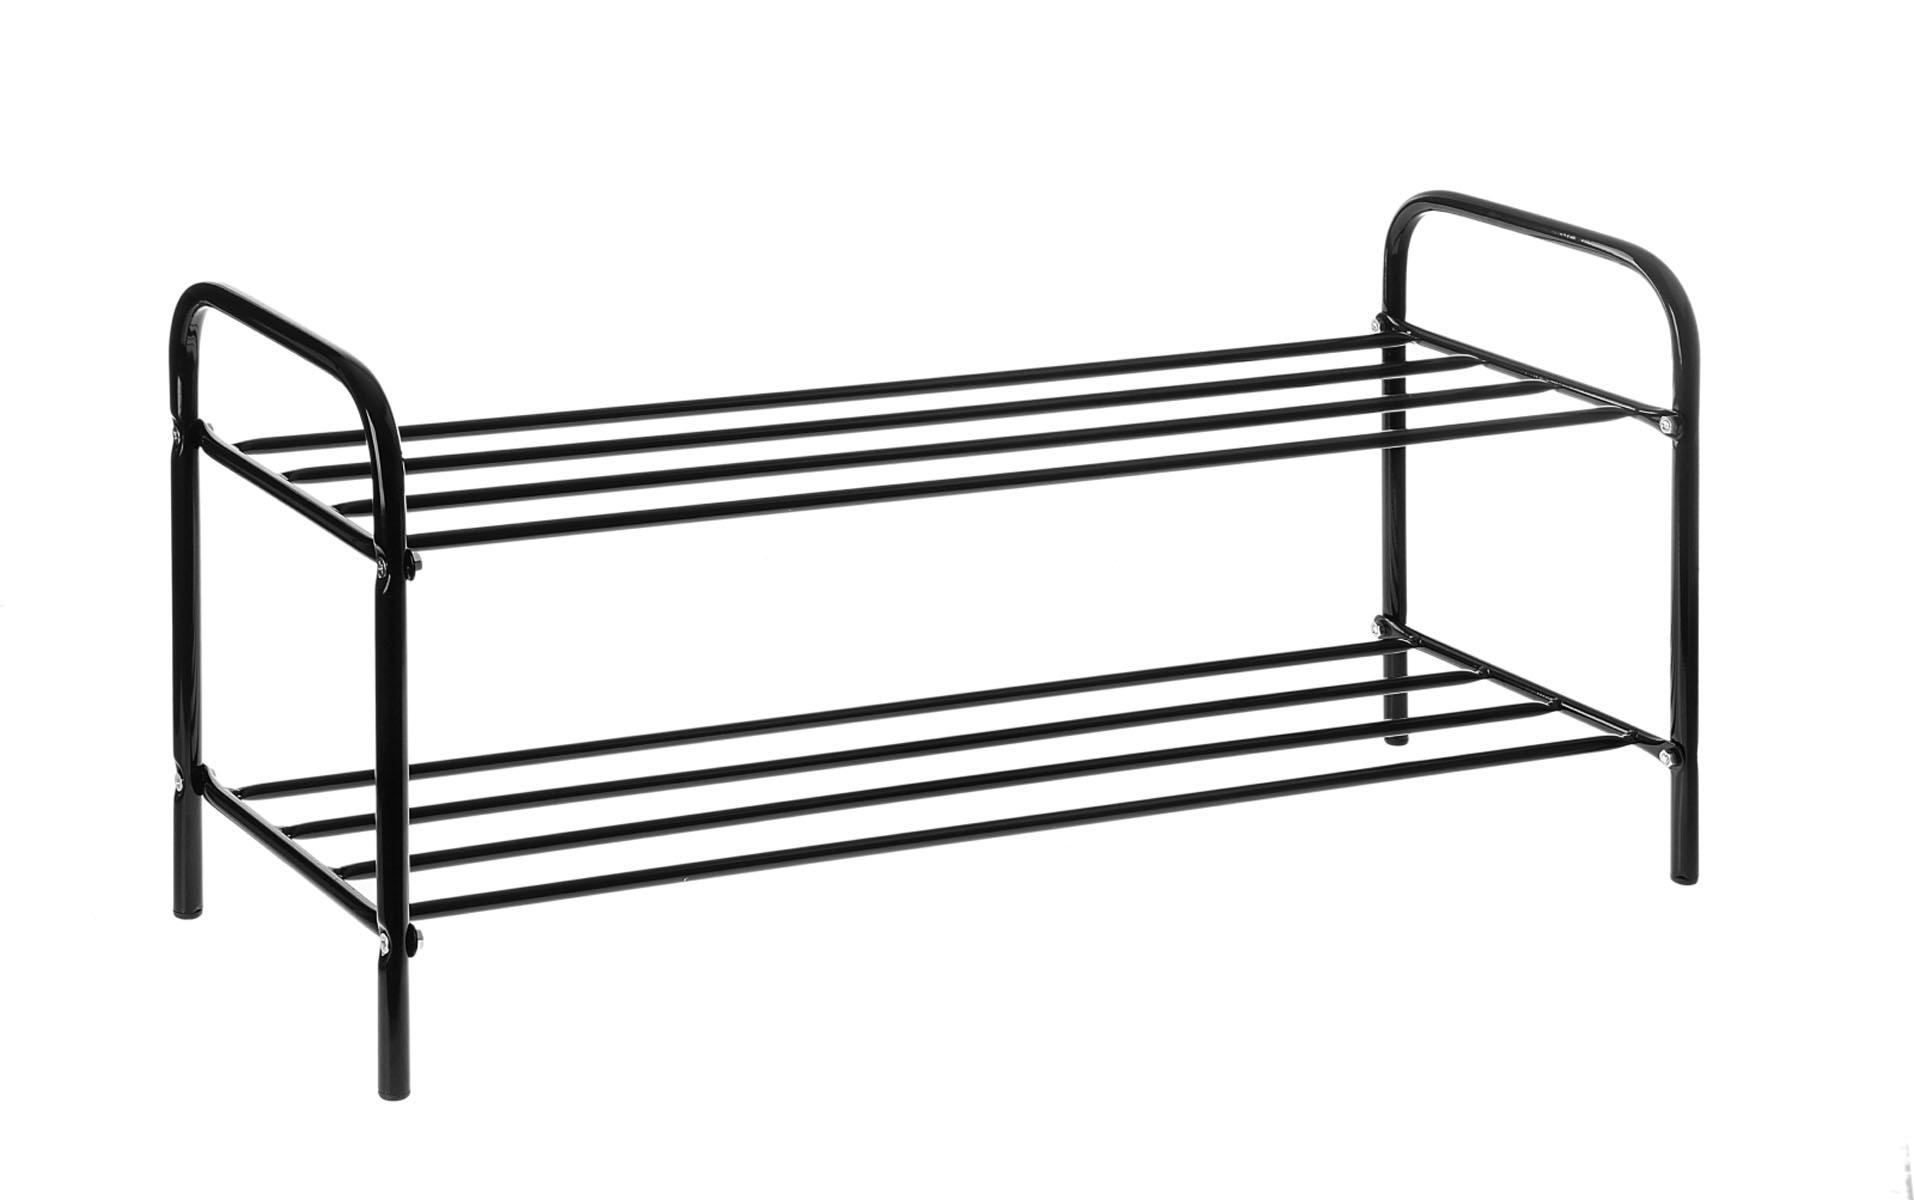 Подставка для обуви, 2 яруса, цвет: черный, 80 см х 30 см х 37 см192510Подставка для обуви представляет собой этажерку, выполненную из высококачественной стали. Содержит 2 яруса, на которых можно разместить по несколько пар обуви. Удобная, компактная и вместительная, такая подставка идеально впишется в интерьер прихожей. Она поможет легко организовать пространство и аккуратно хранить вашу обувь, стильный и необычный дизайн сделает ее оригинальным элементом декора.Крепления для сборки в комплекте. Размер подставки (ДхШхВ): 80 см х 30 см х 37 см.